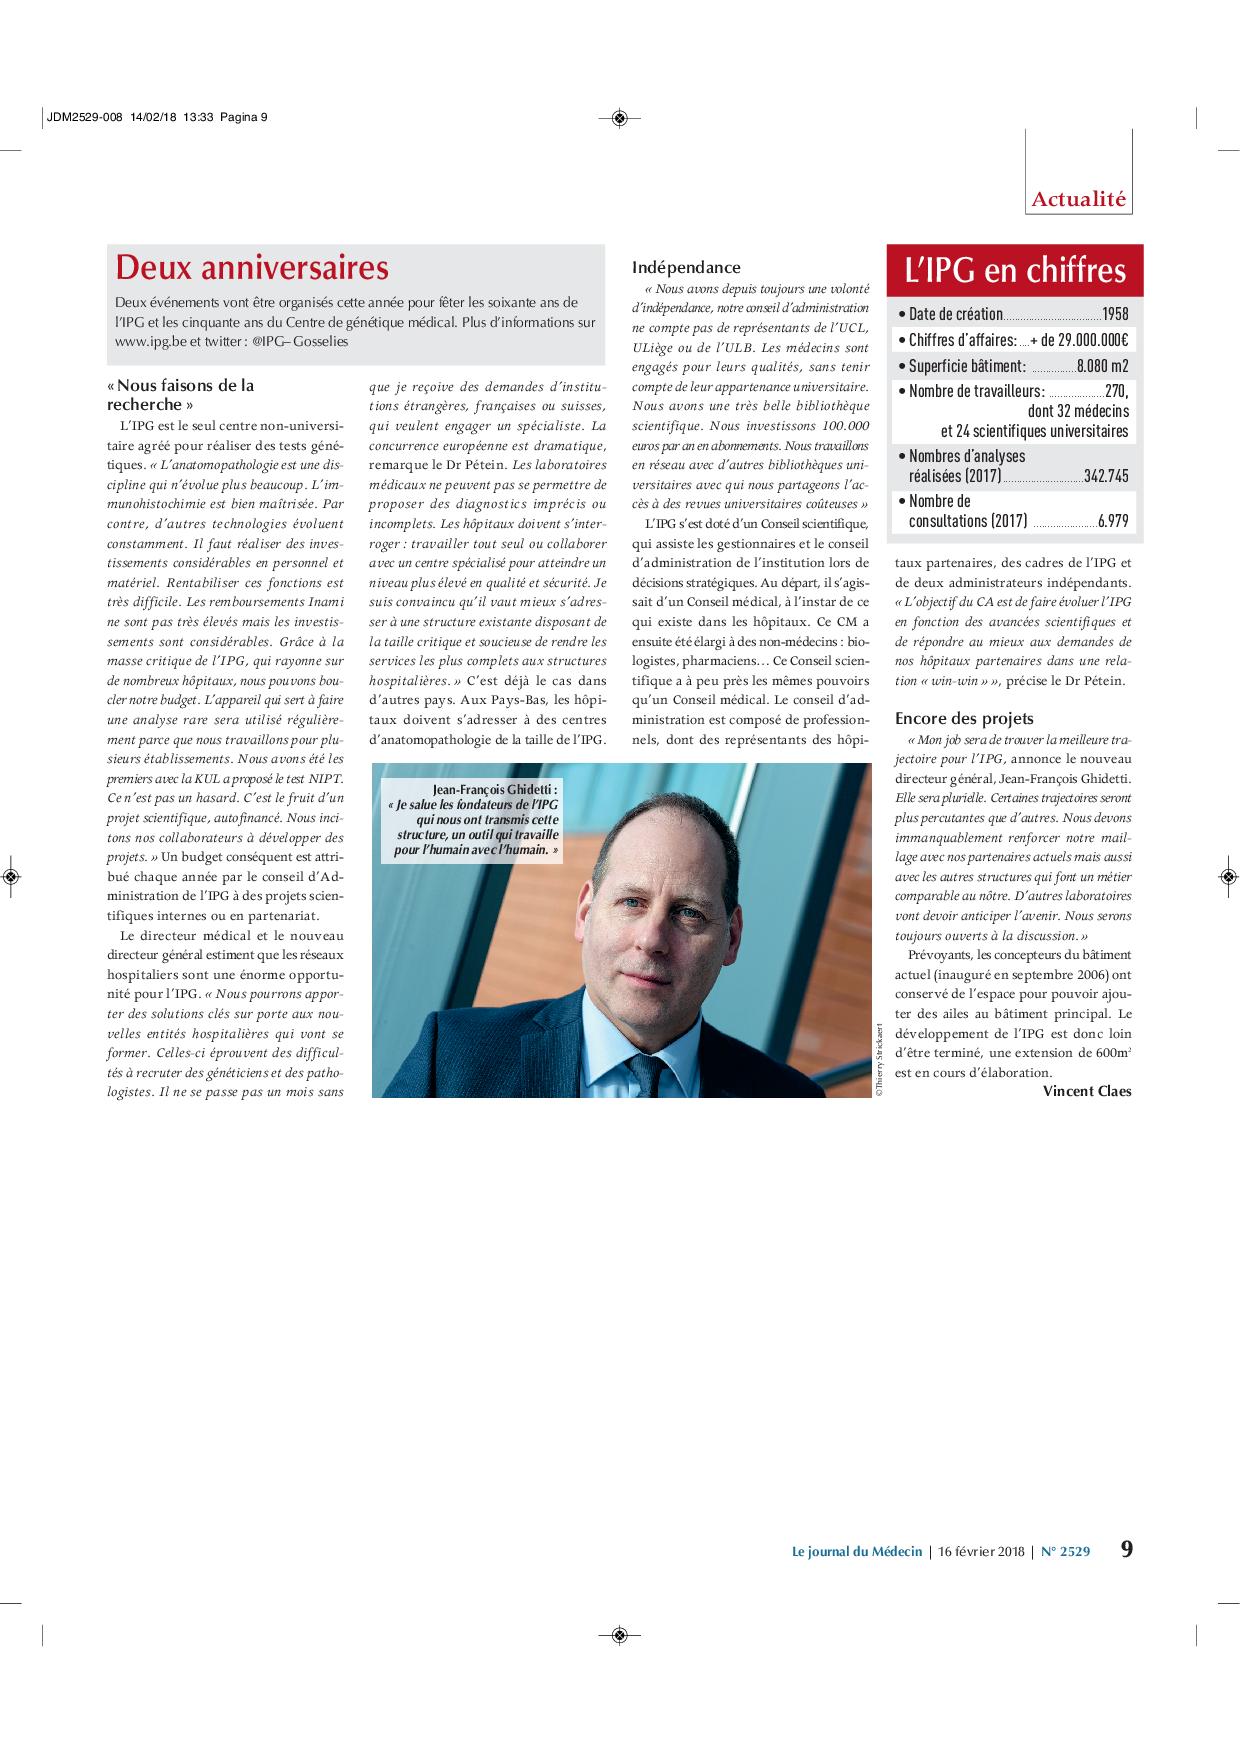 Article du Journal du Médecin